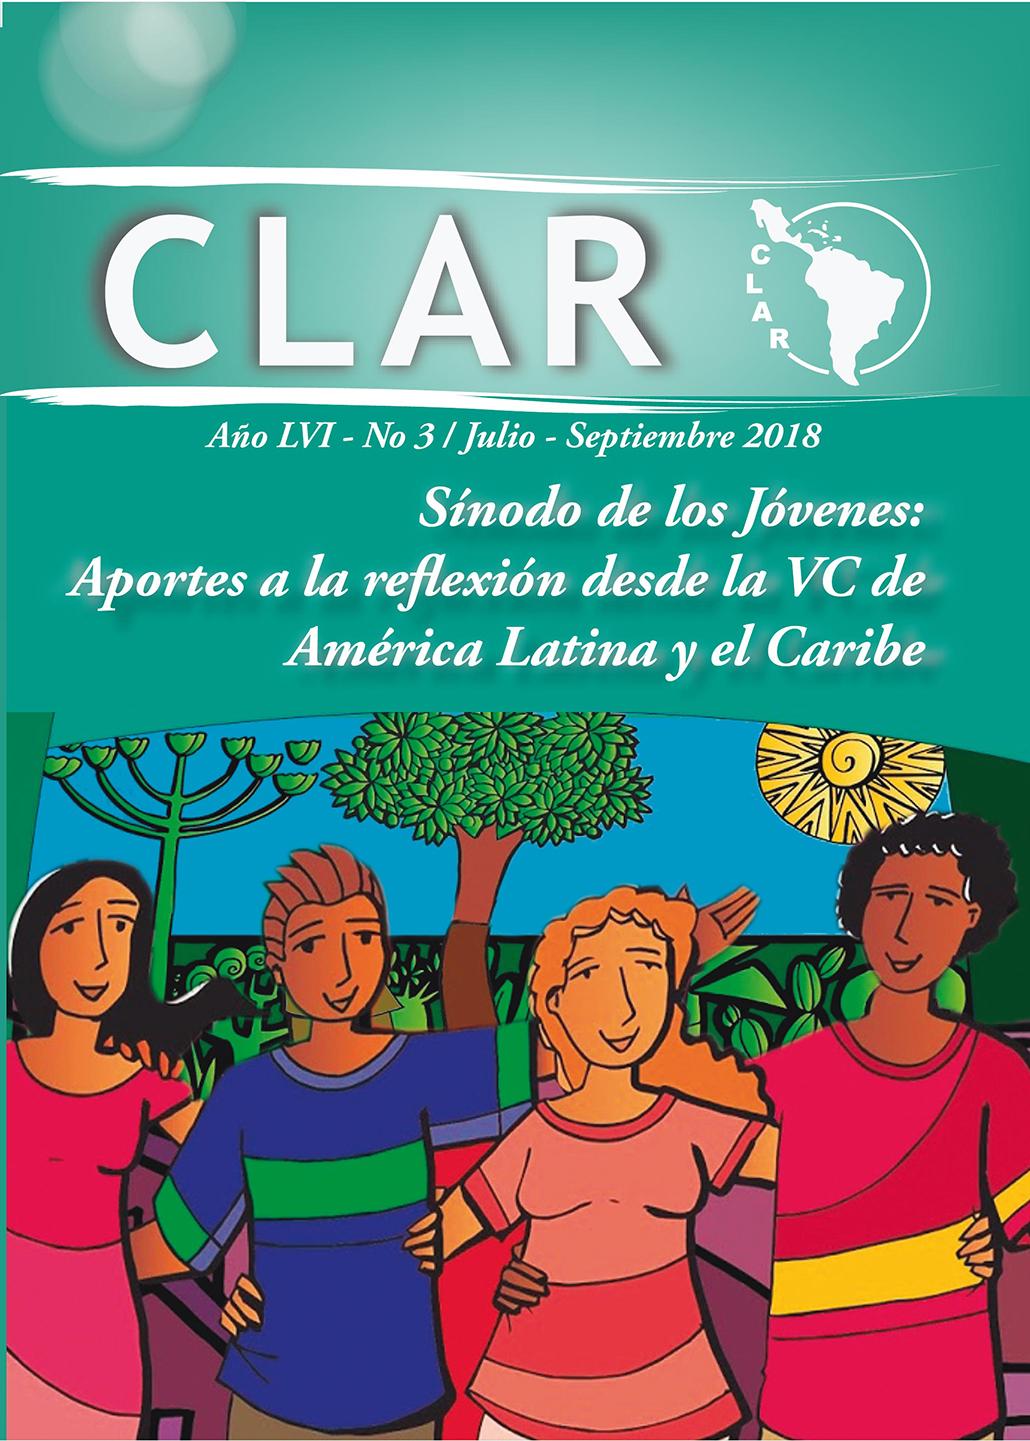 Ver Vol. 56 Núm. 3 (2018): Sínodo de los Jóvenes: Aportes a la reflexión desde la VC de América Latina y el Caribe